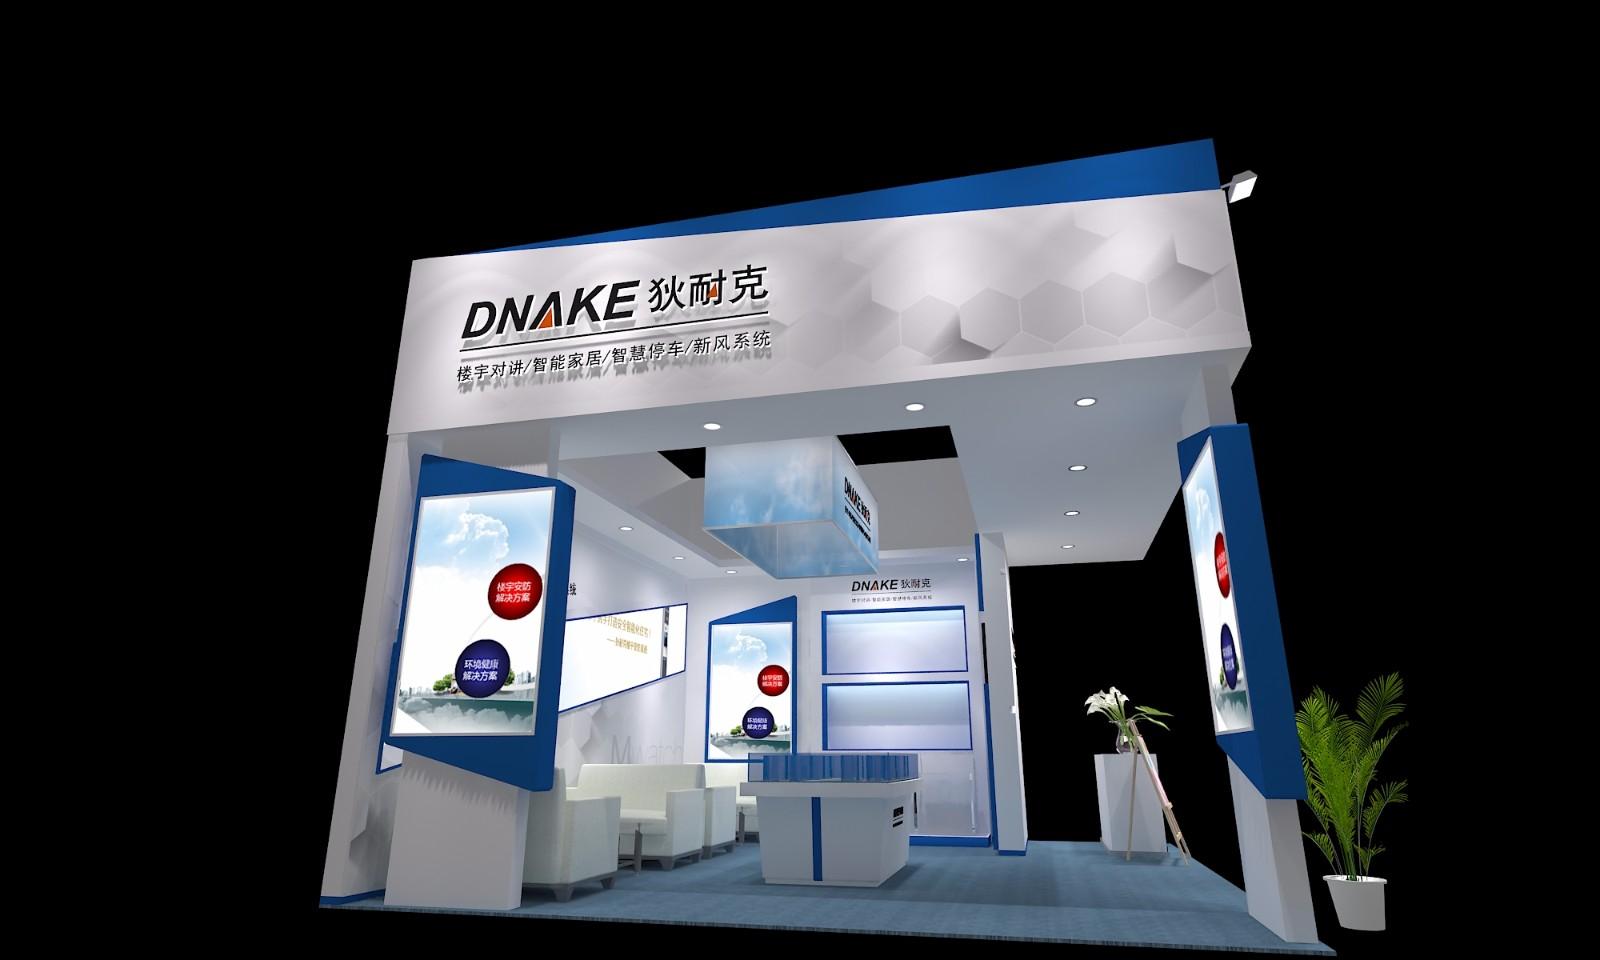 狄耐克深圳智能交通展|展览特装-厦门市嘉维世纪会展服务有限公司